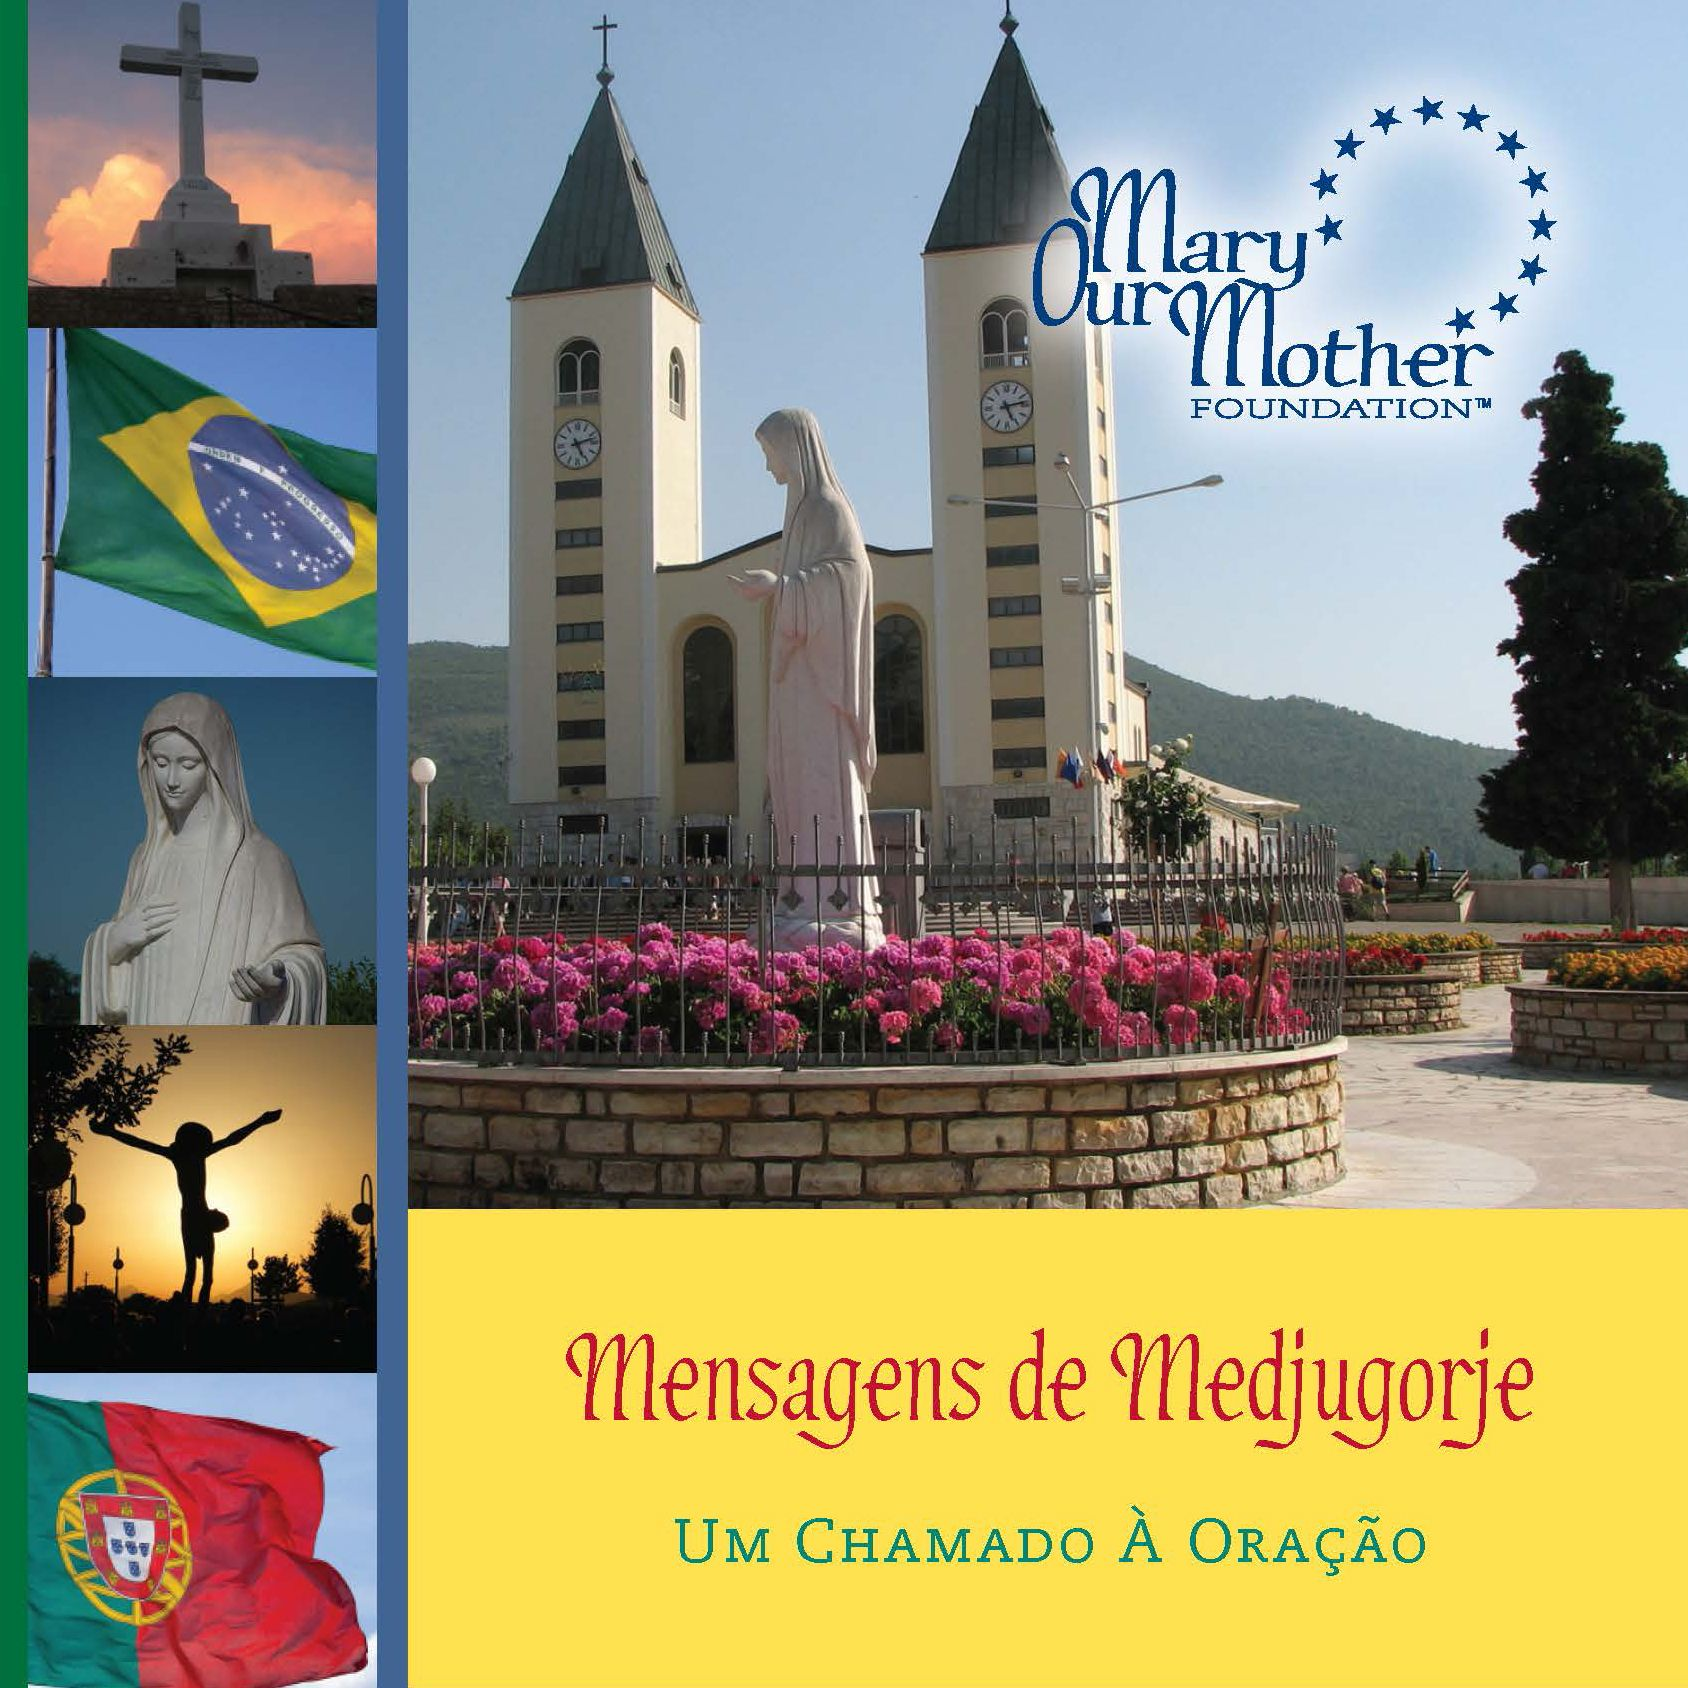 Um chamado à Oração: Mensagens de Medjugorje (MP3 Download) | Mary Our Mother Foundation